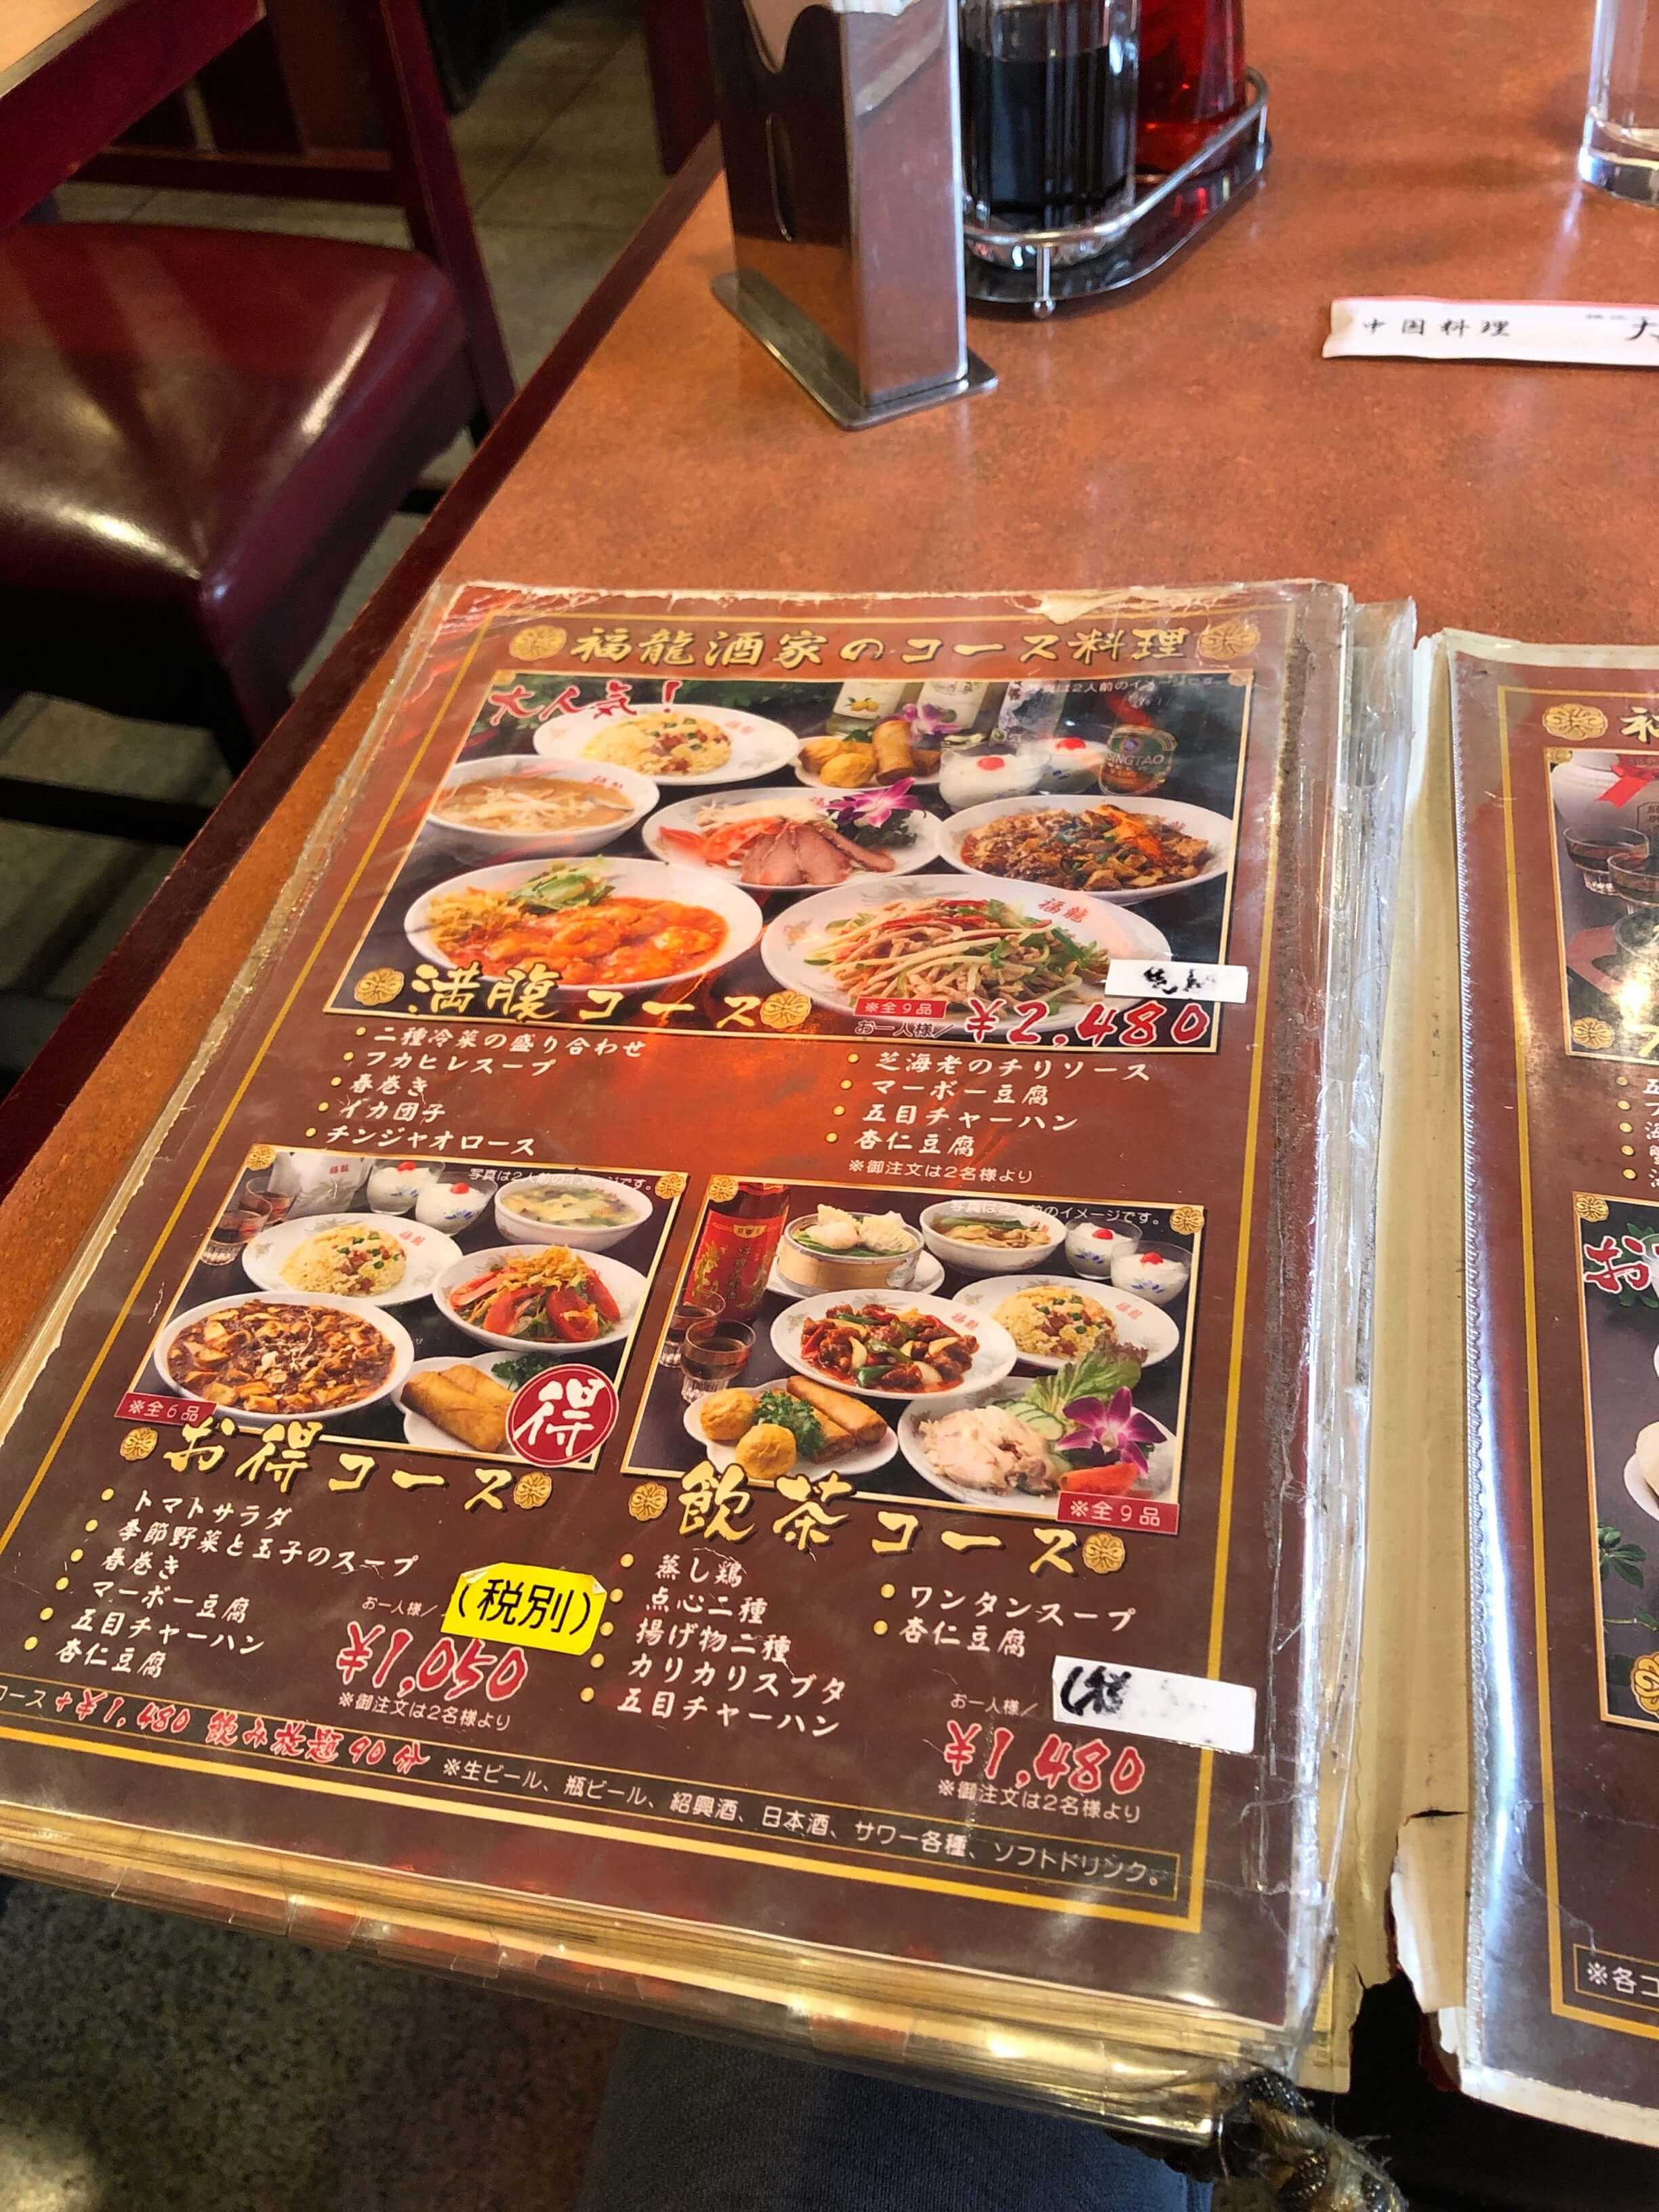 福龍酒家 メニュー 2020.03.19